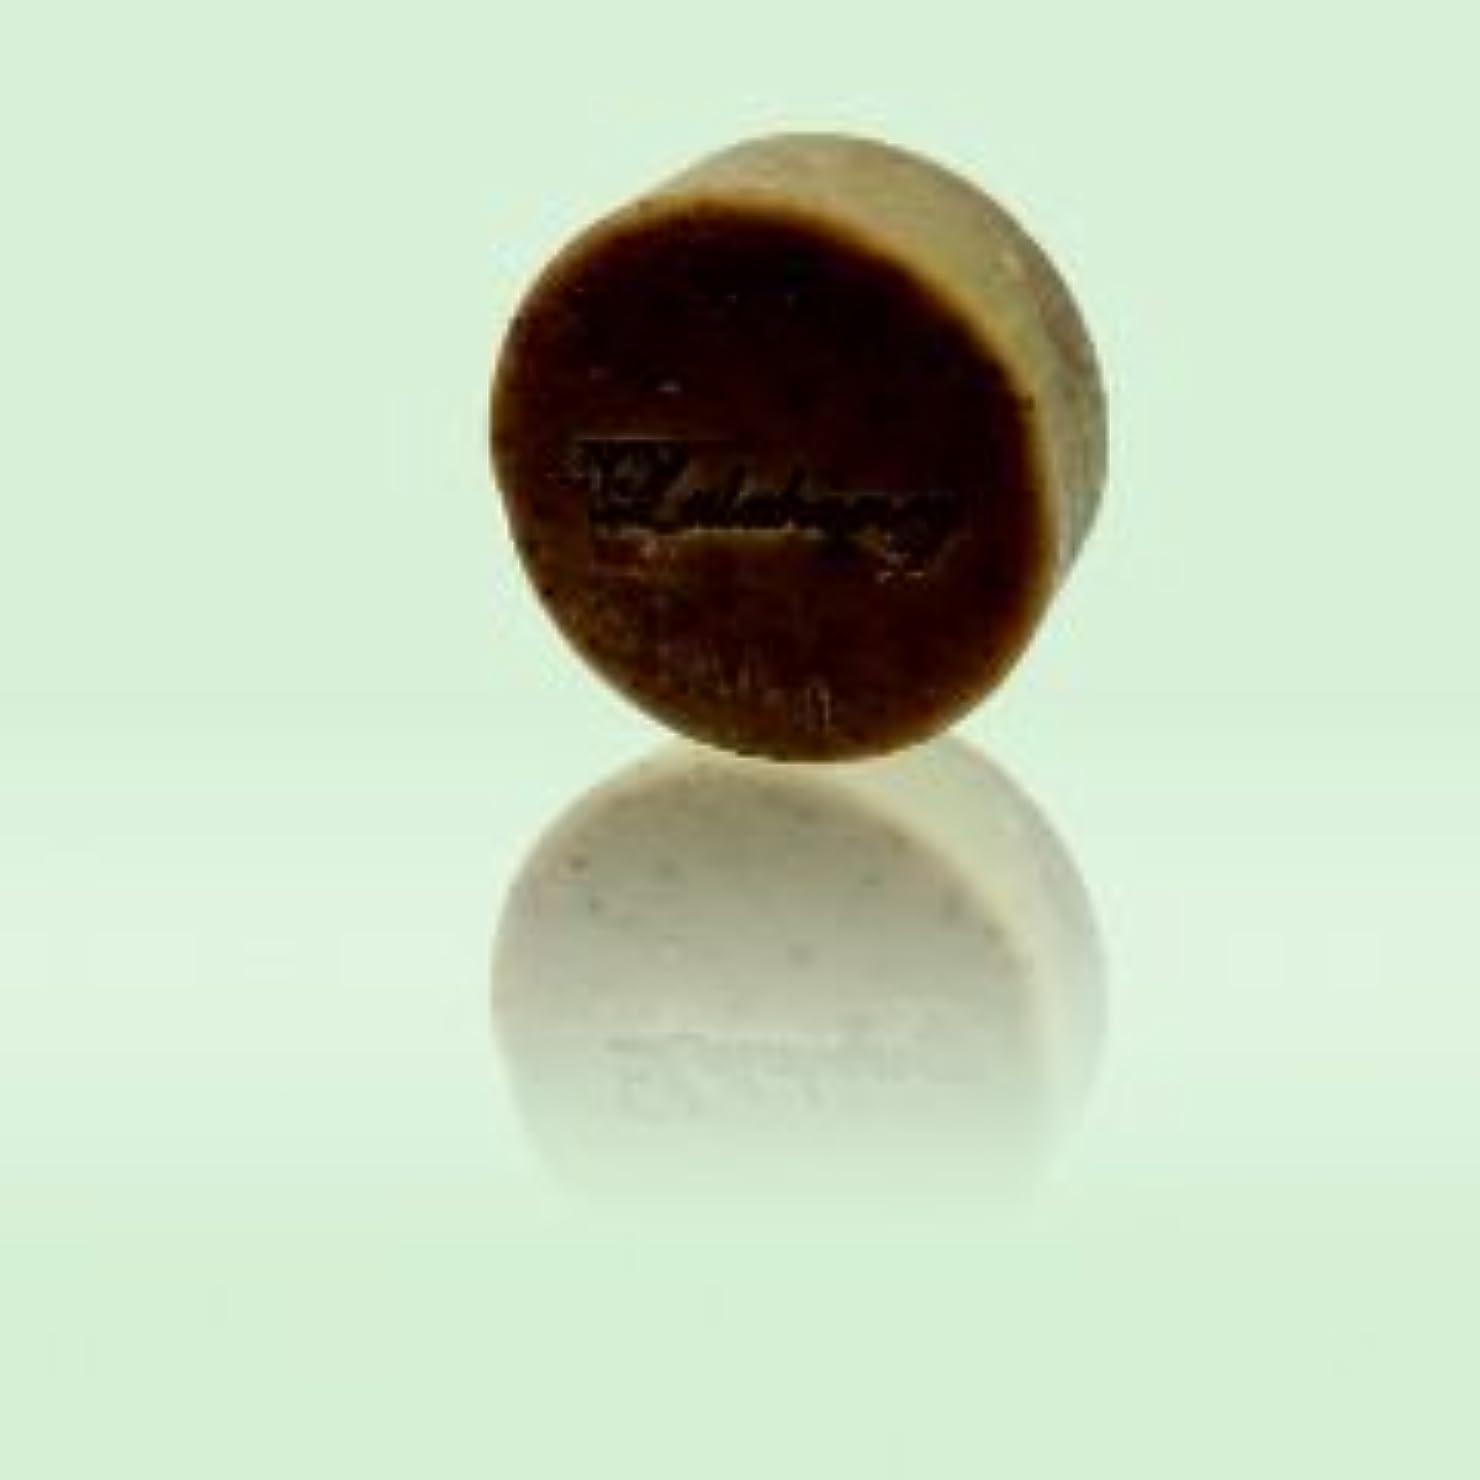 フィードオンありそうエキサイティングLALAHONEY 石鹸〈チョコレート&オレンジ〉20g【手作りでシンプルなコールドプロセス製法】